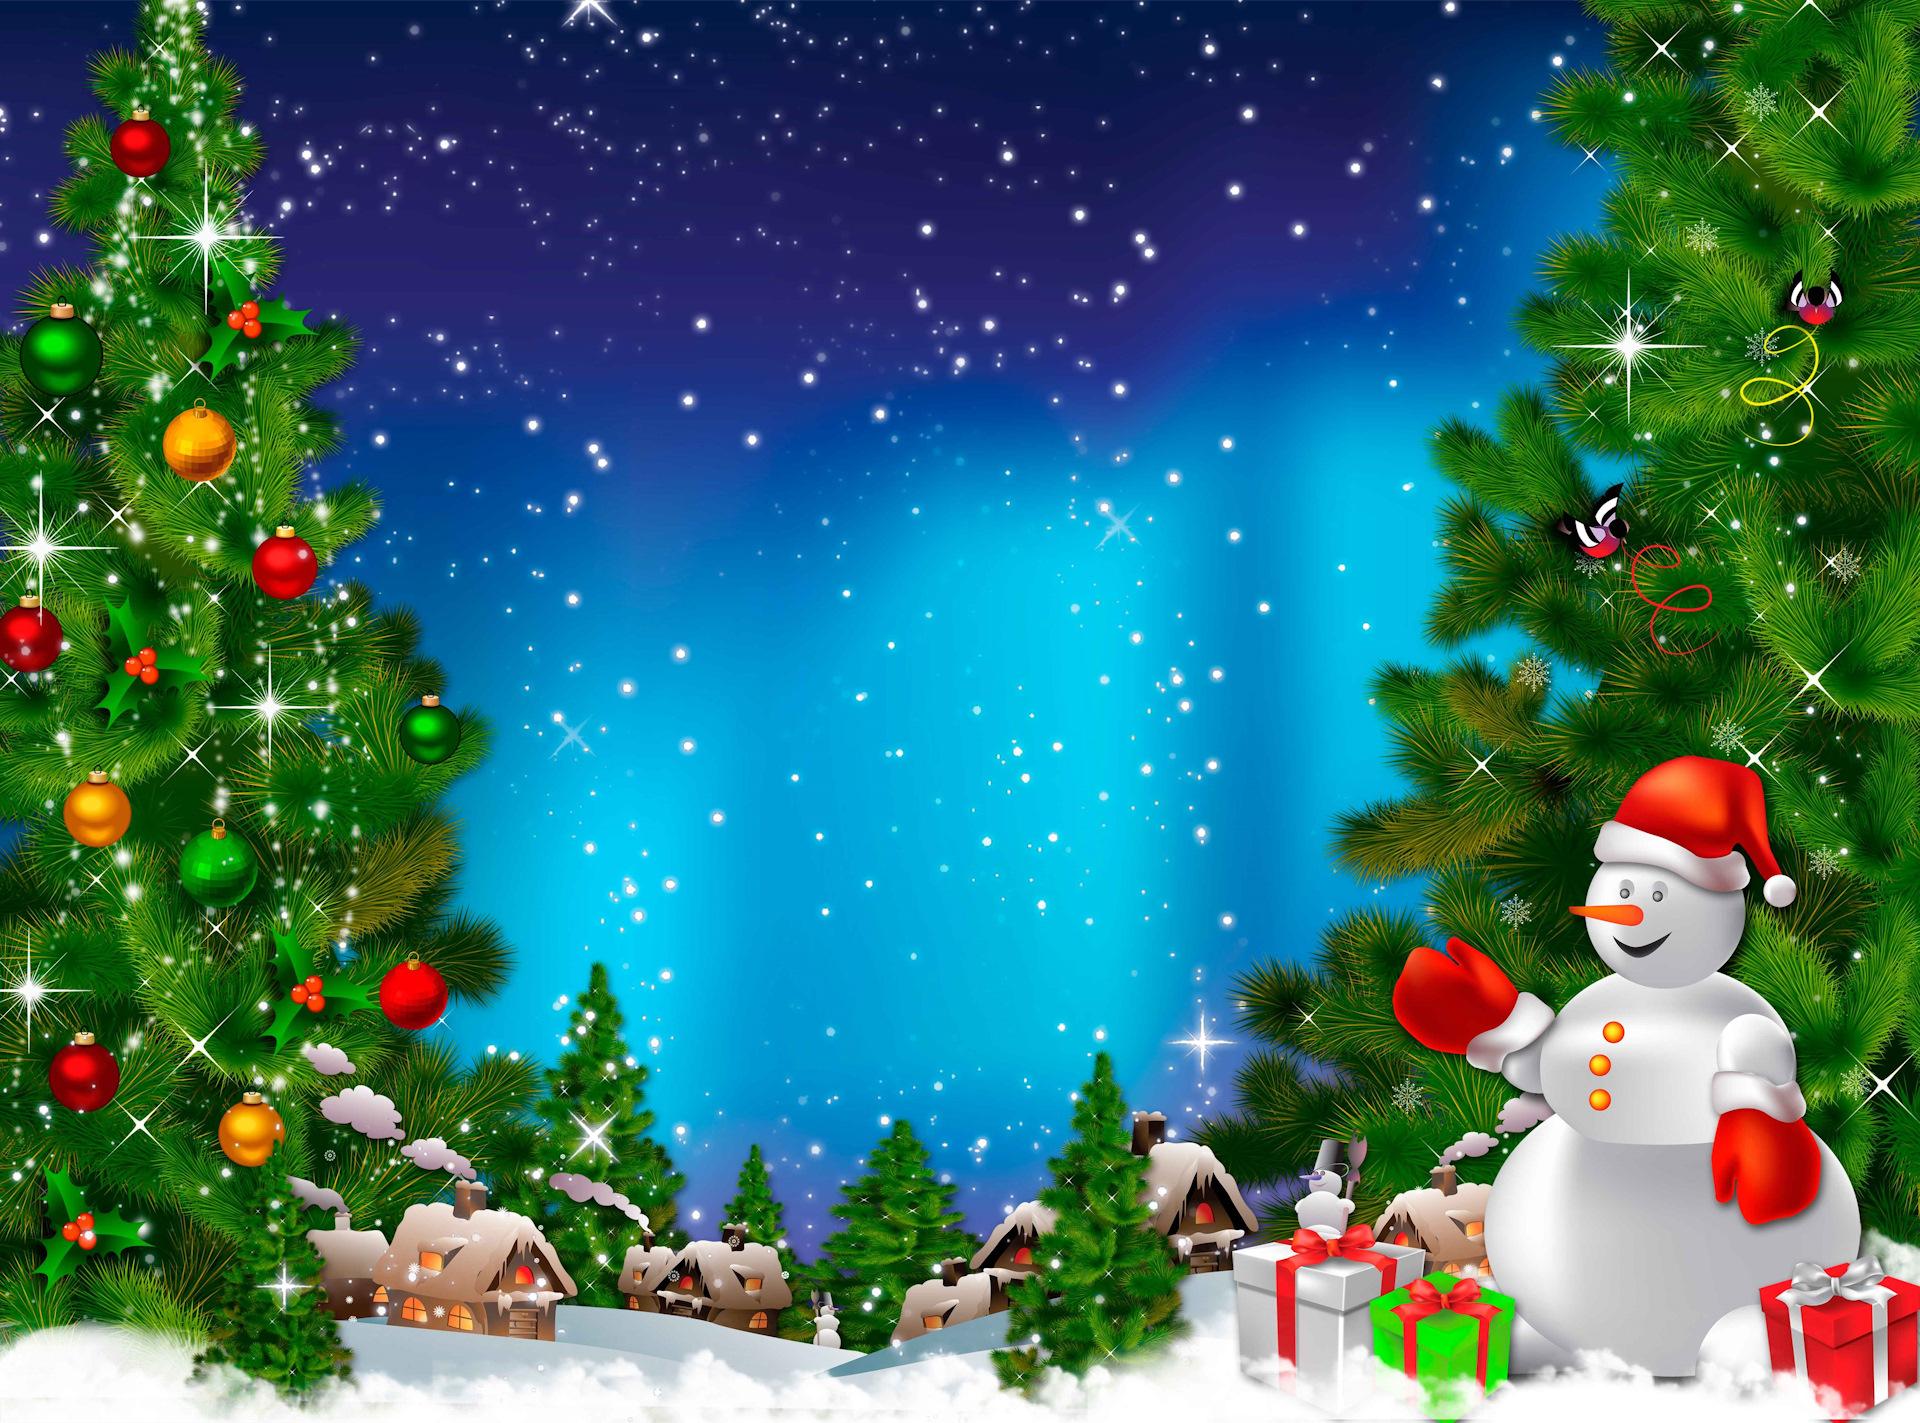 Фоновая картинка с новым годом для детей